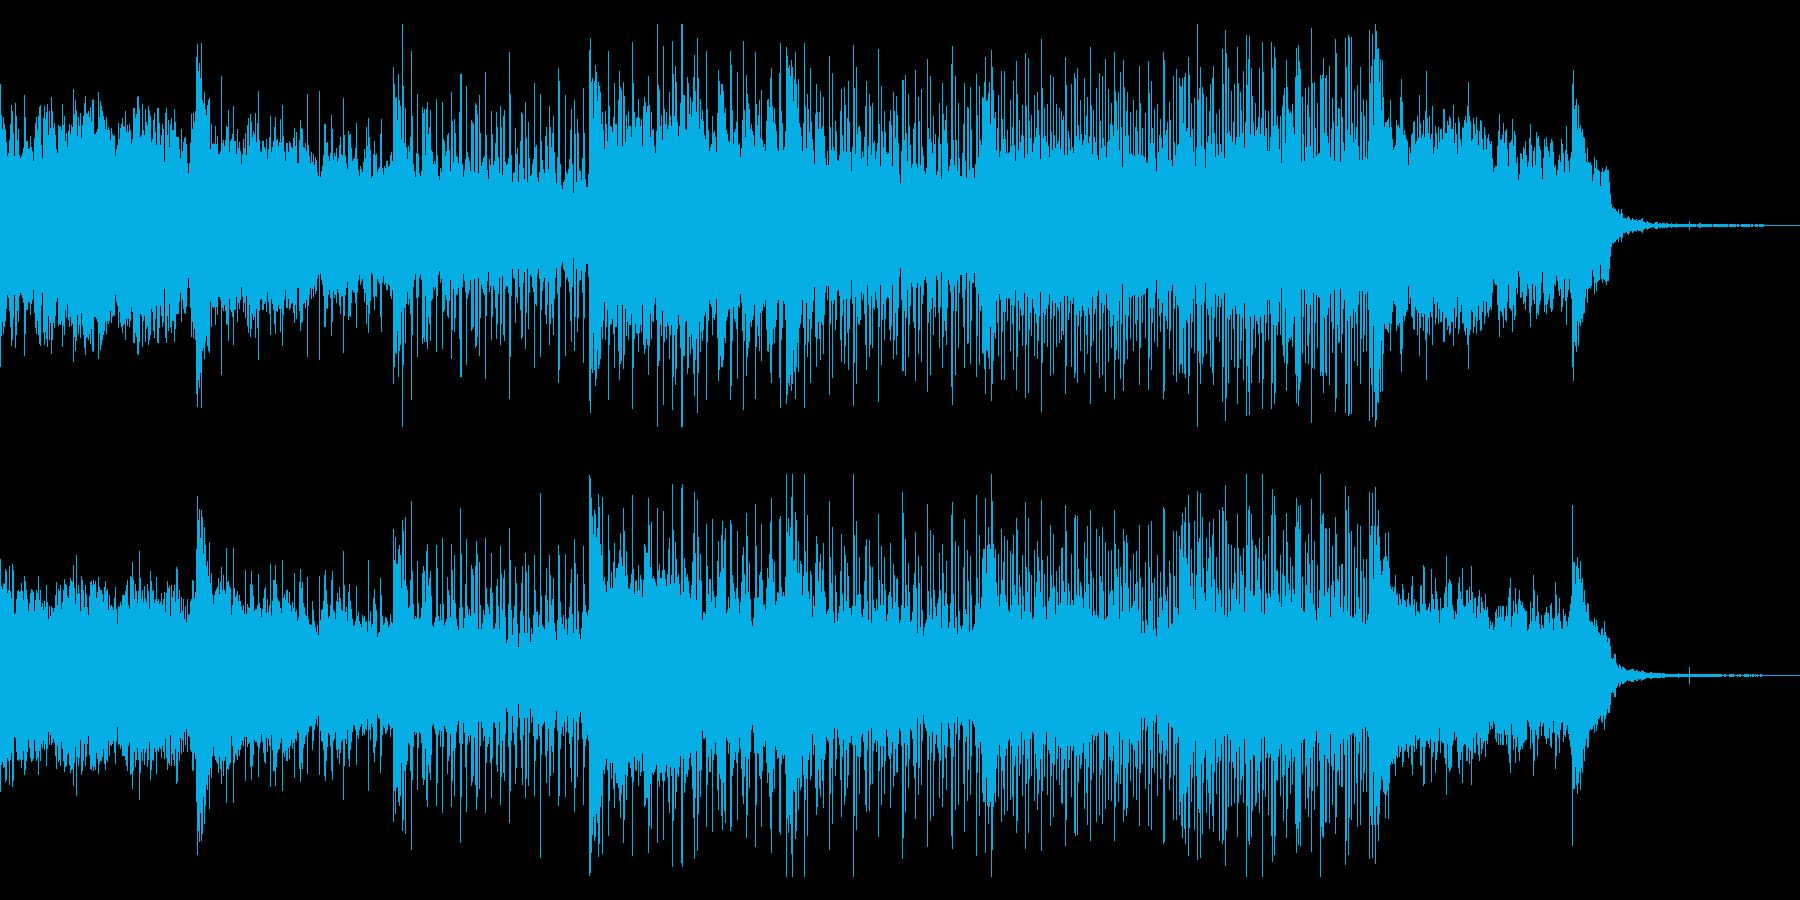 ダークで奇妙なグリッチアンビエントの再生済みの波形